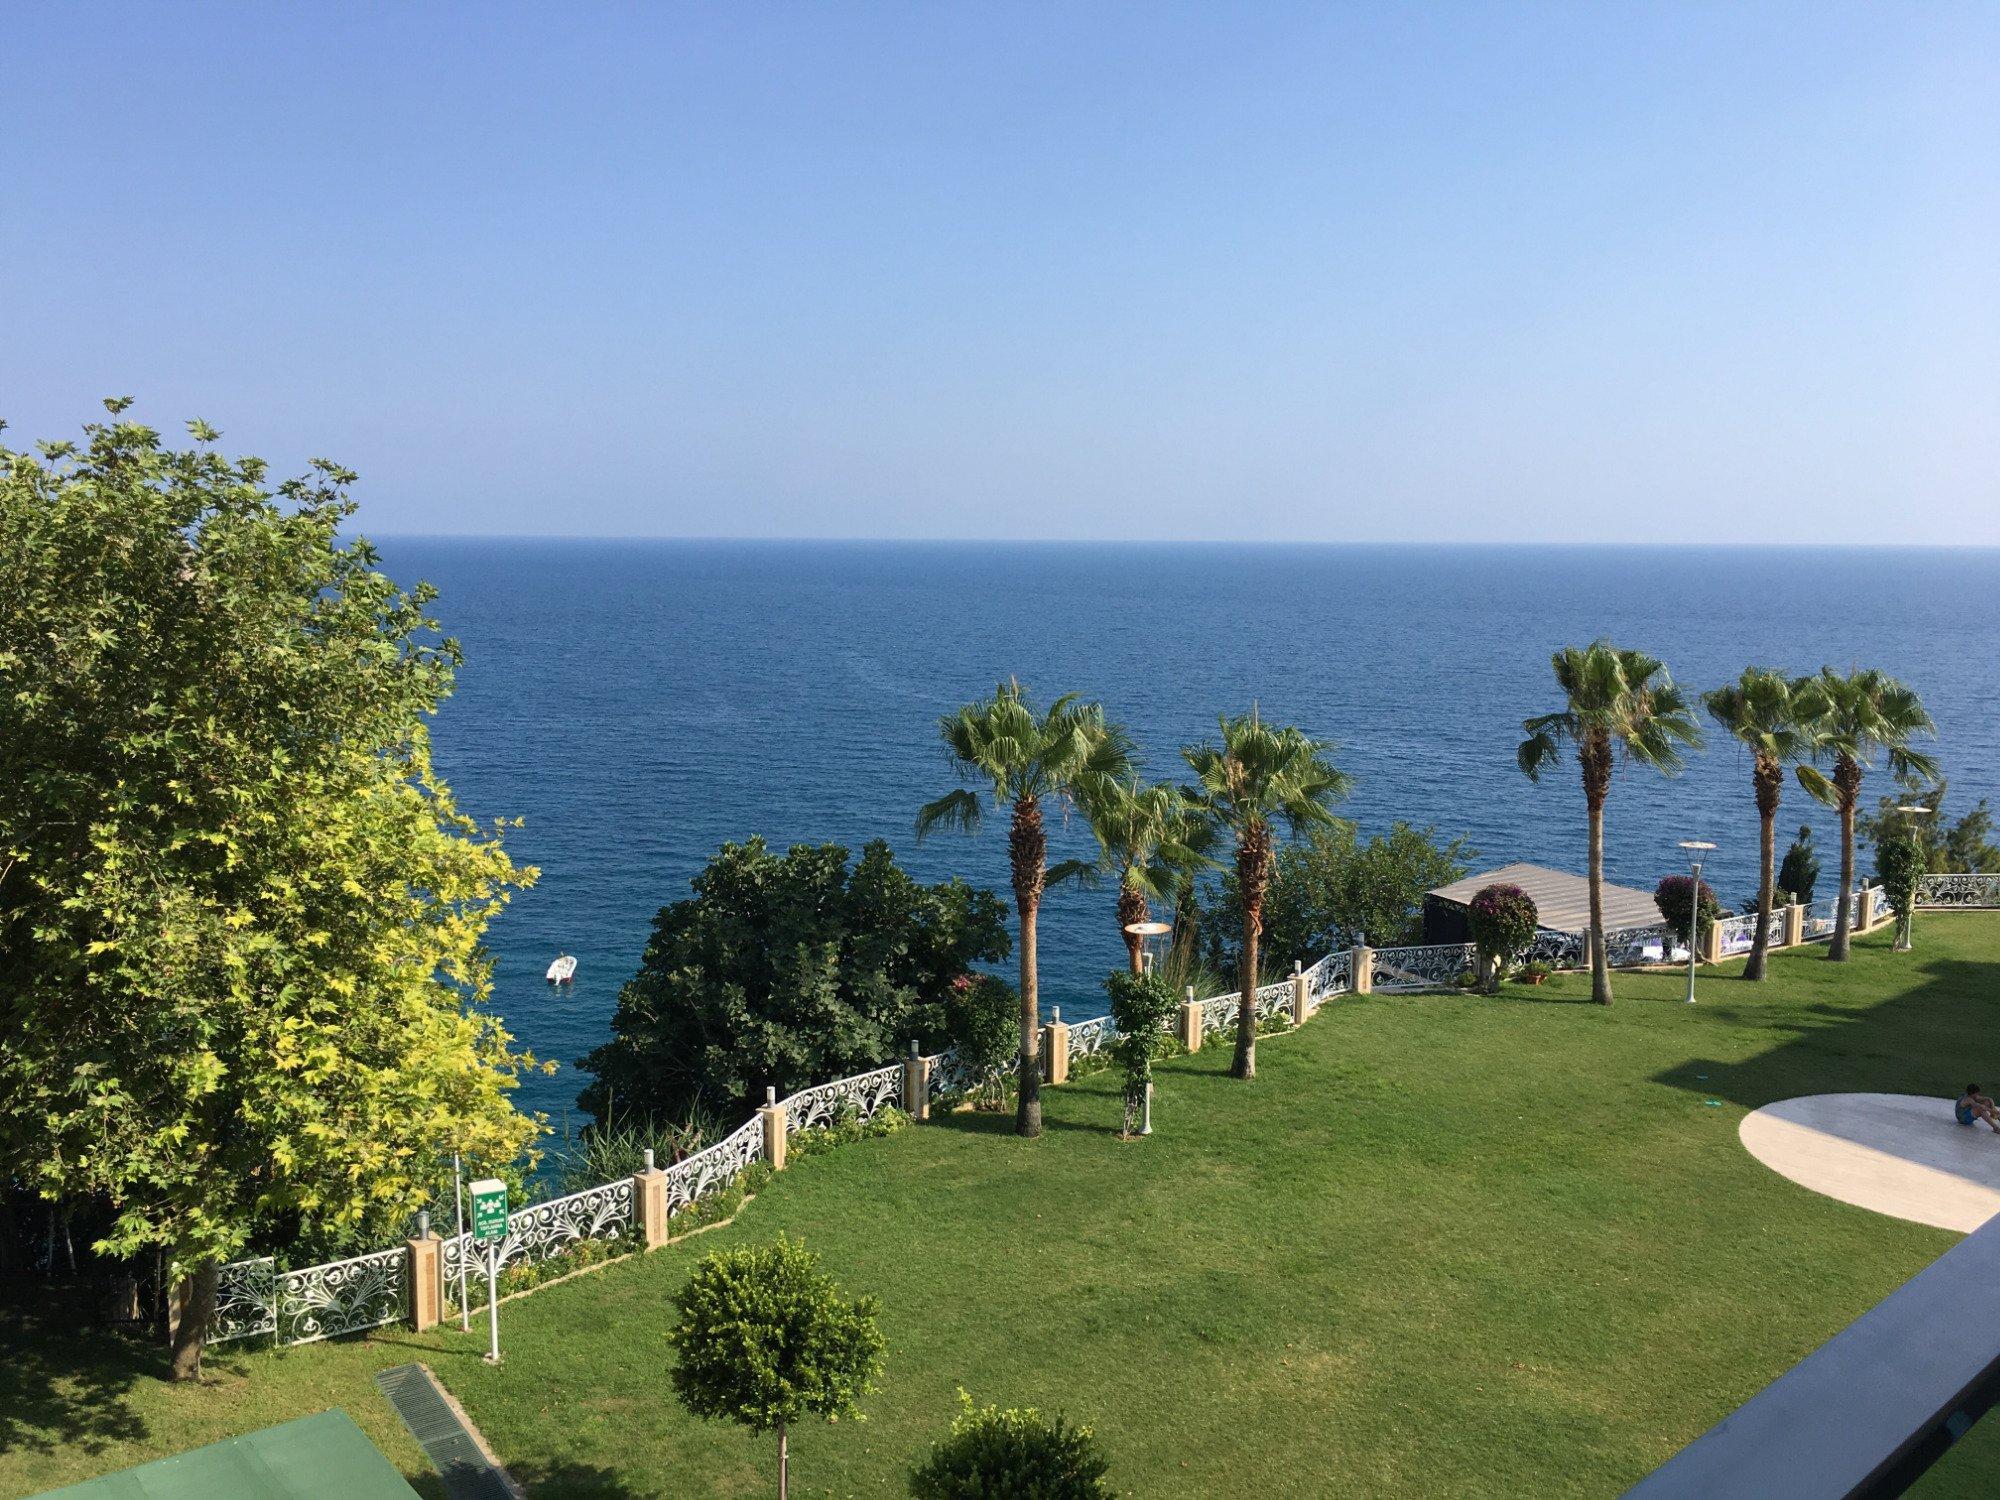 هتل کلاب هتل فالکن , هتل 4ستاره, هتل آنتالیا,  ترکیه